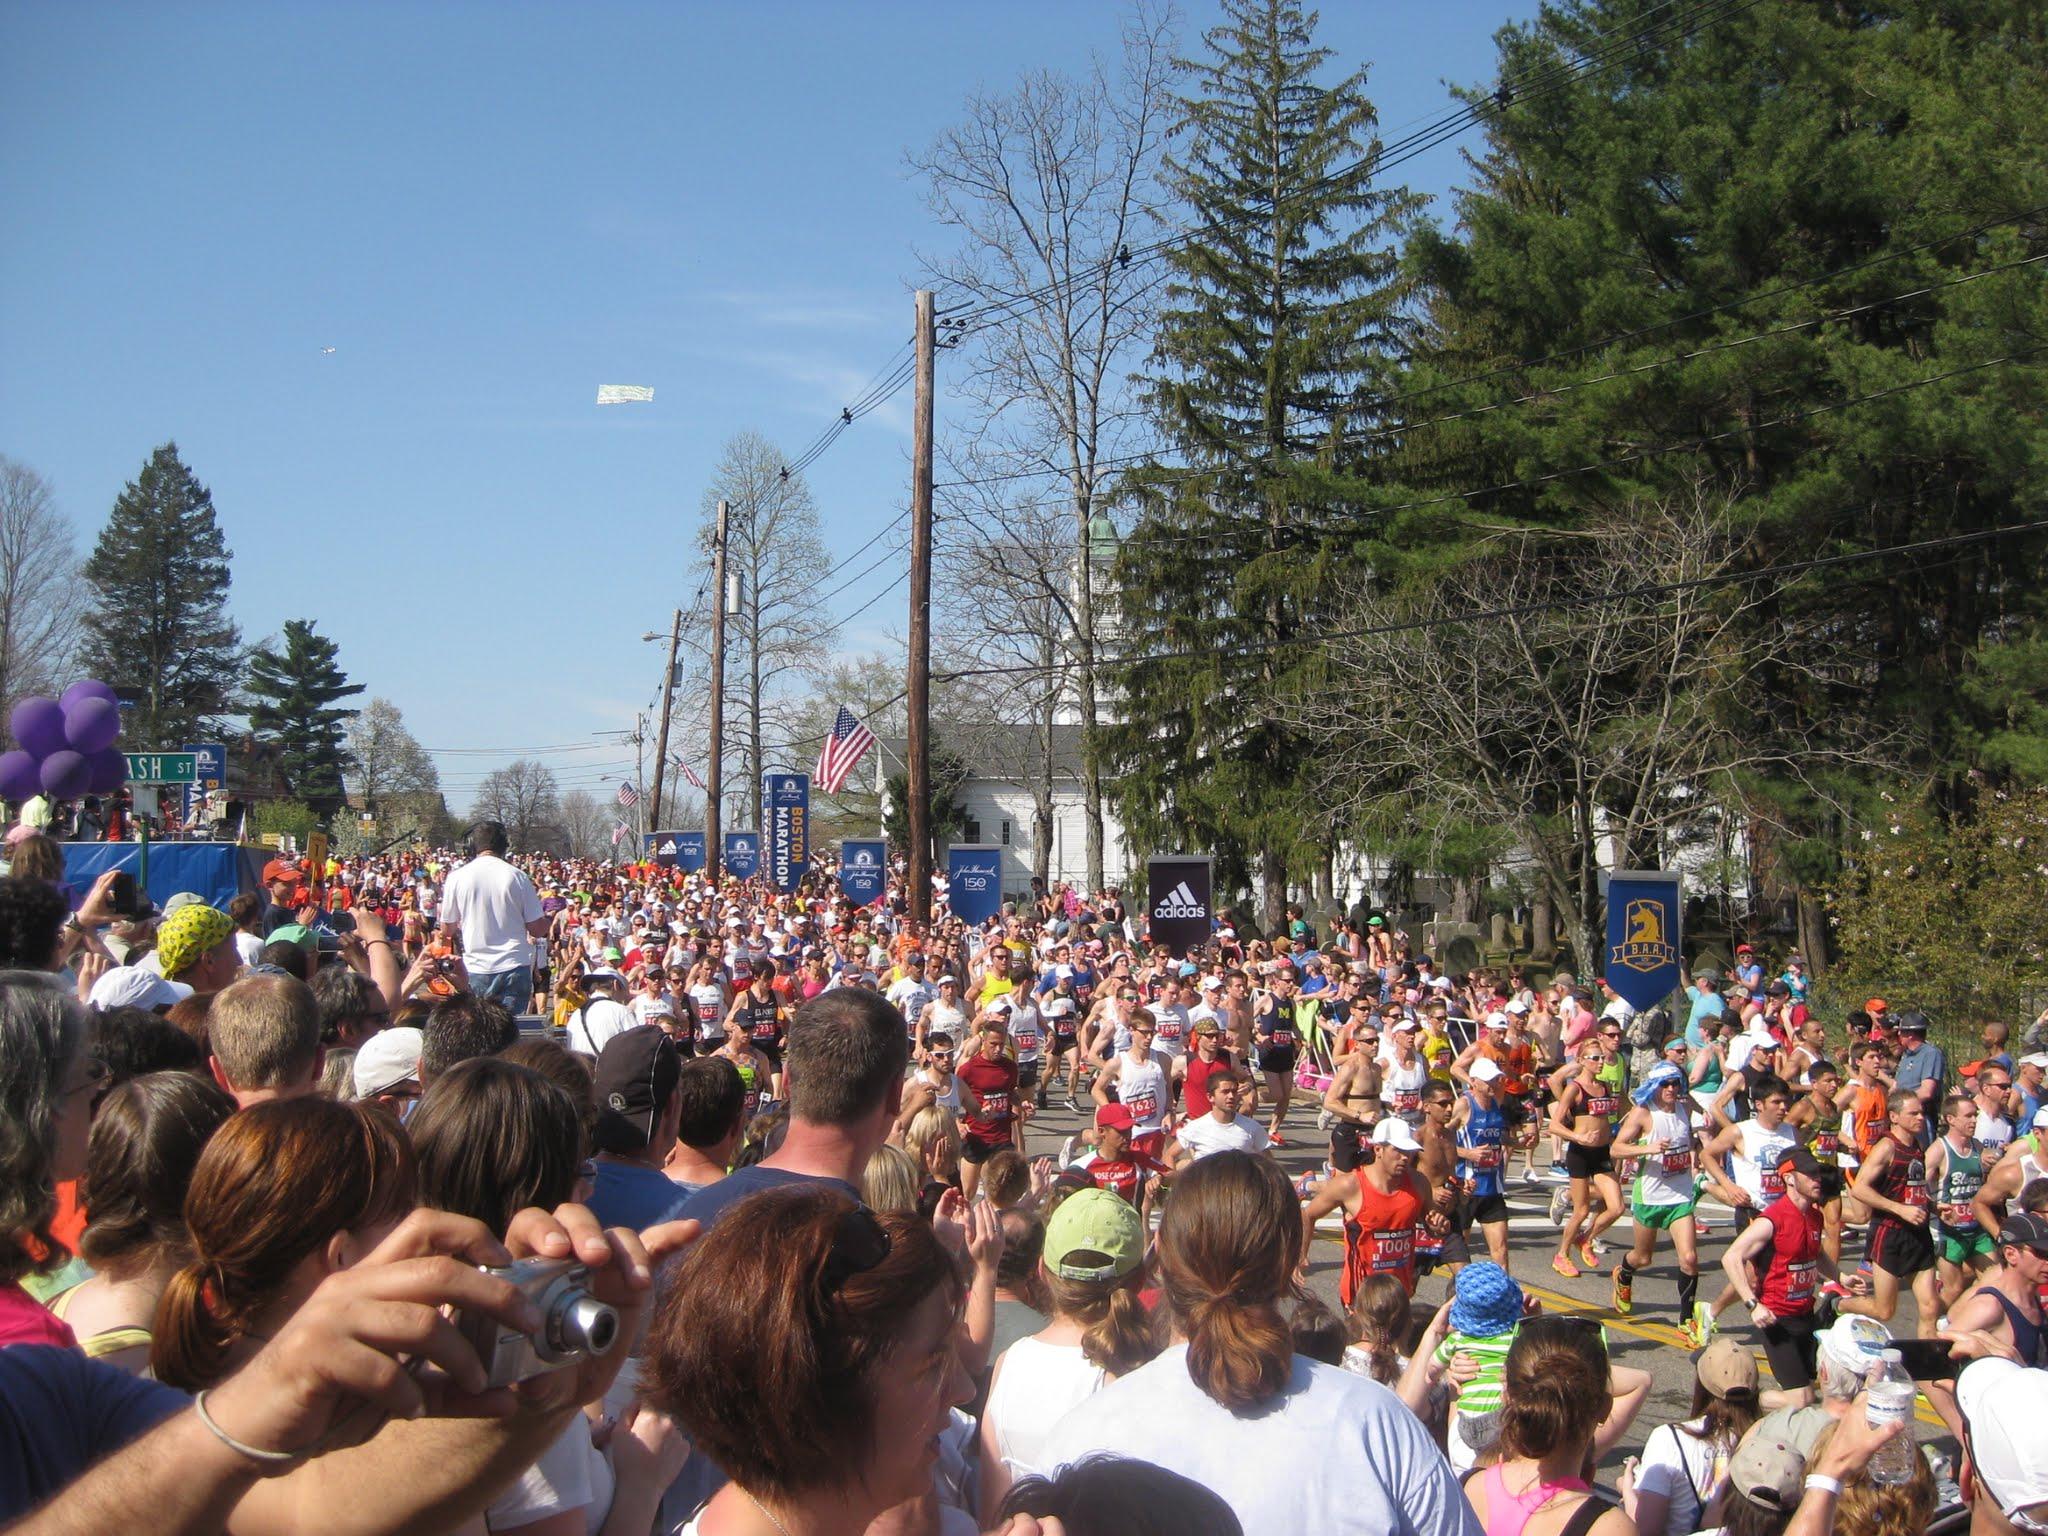 Boston Marathon in Hopkinton